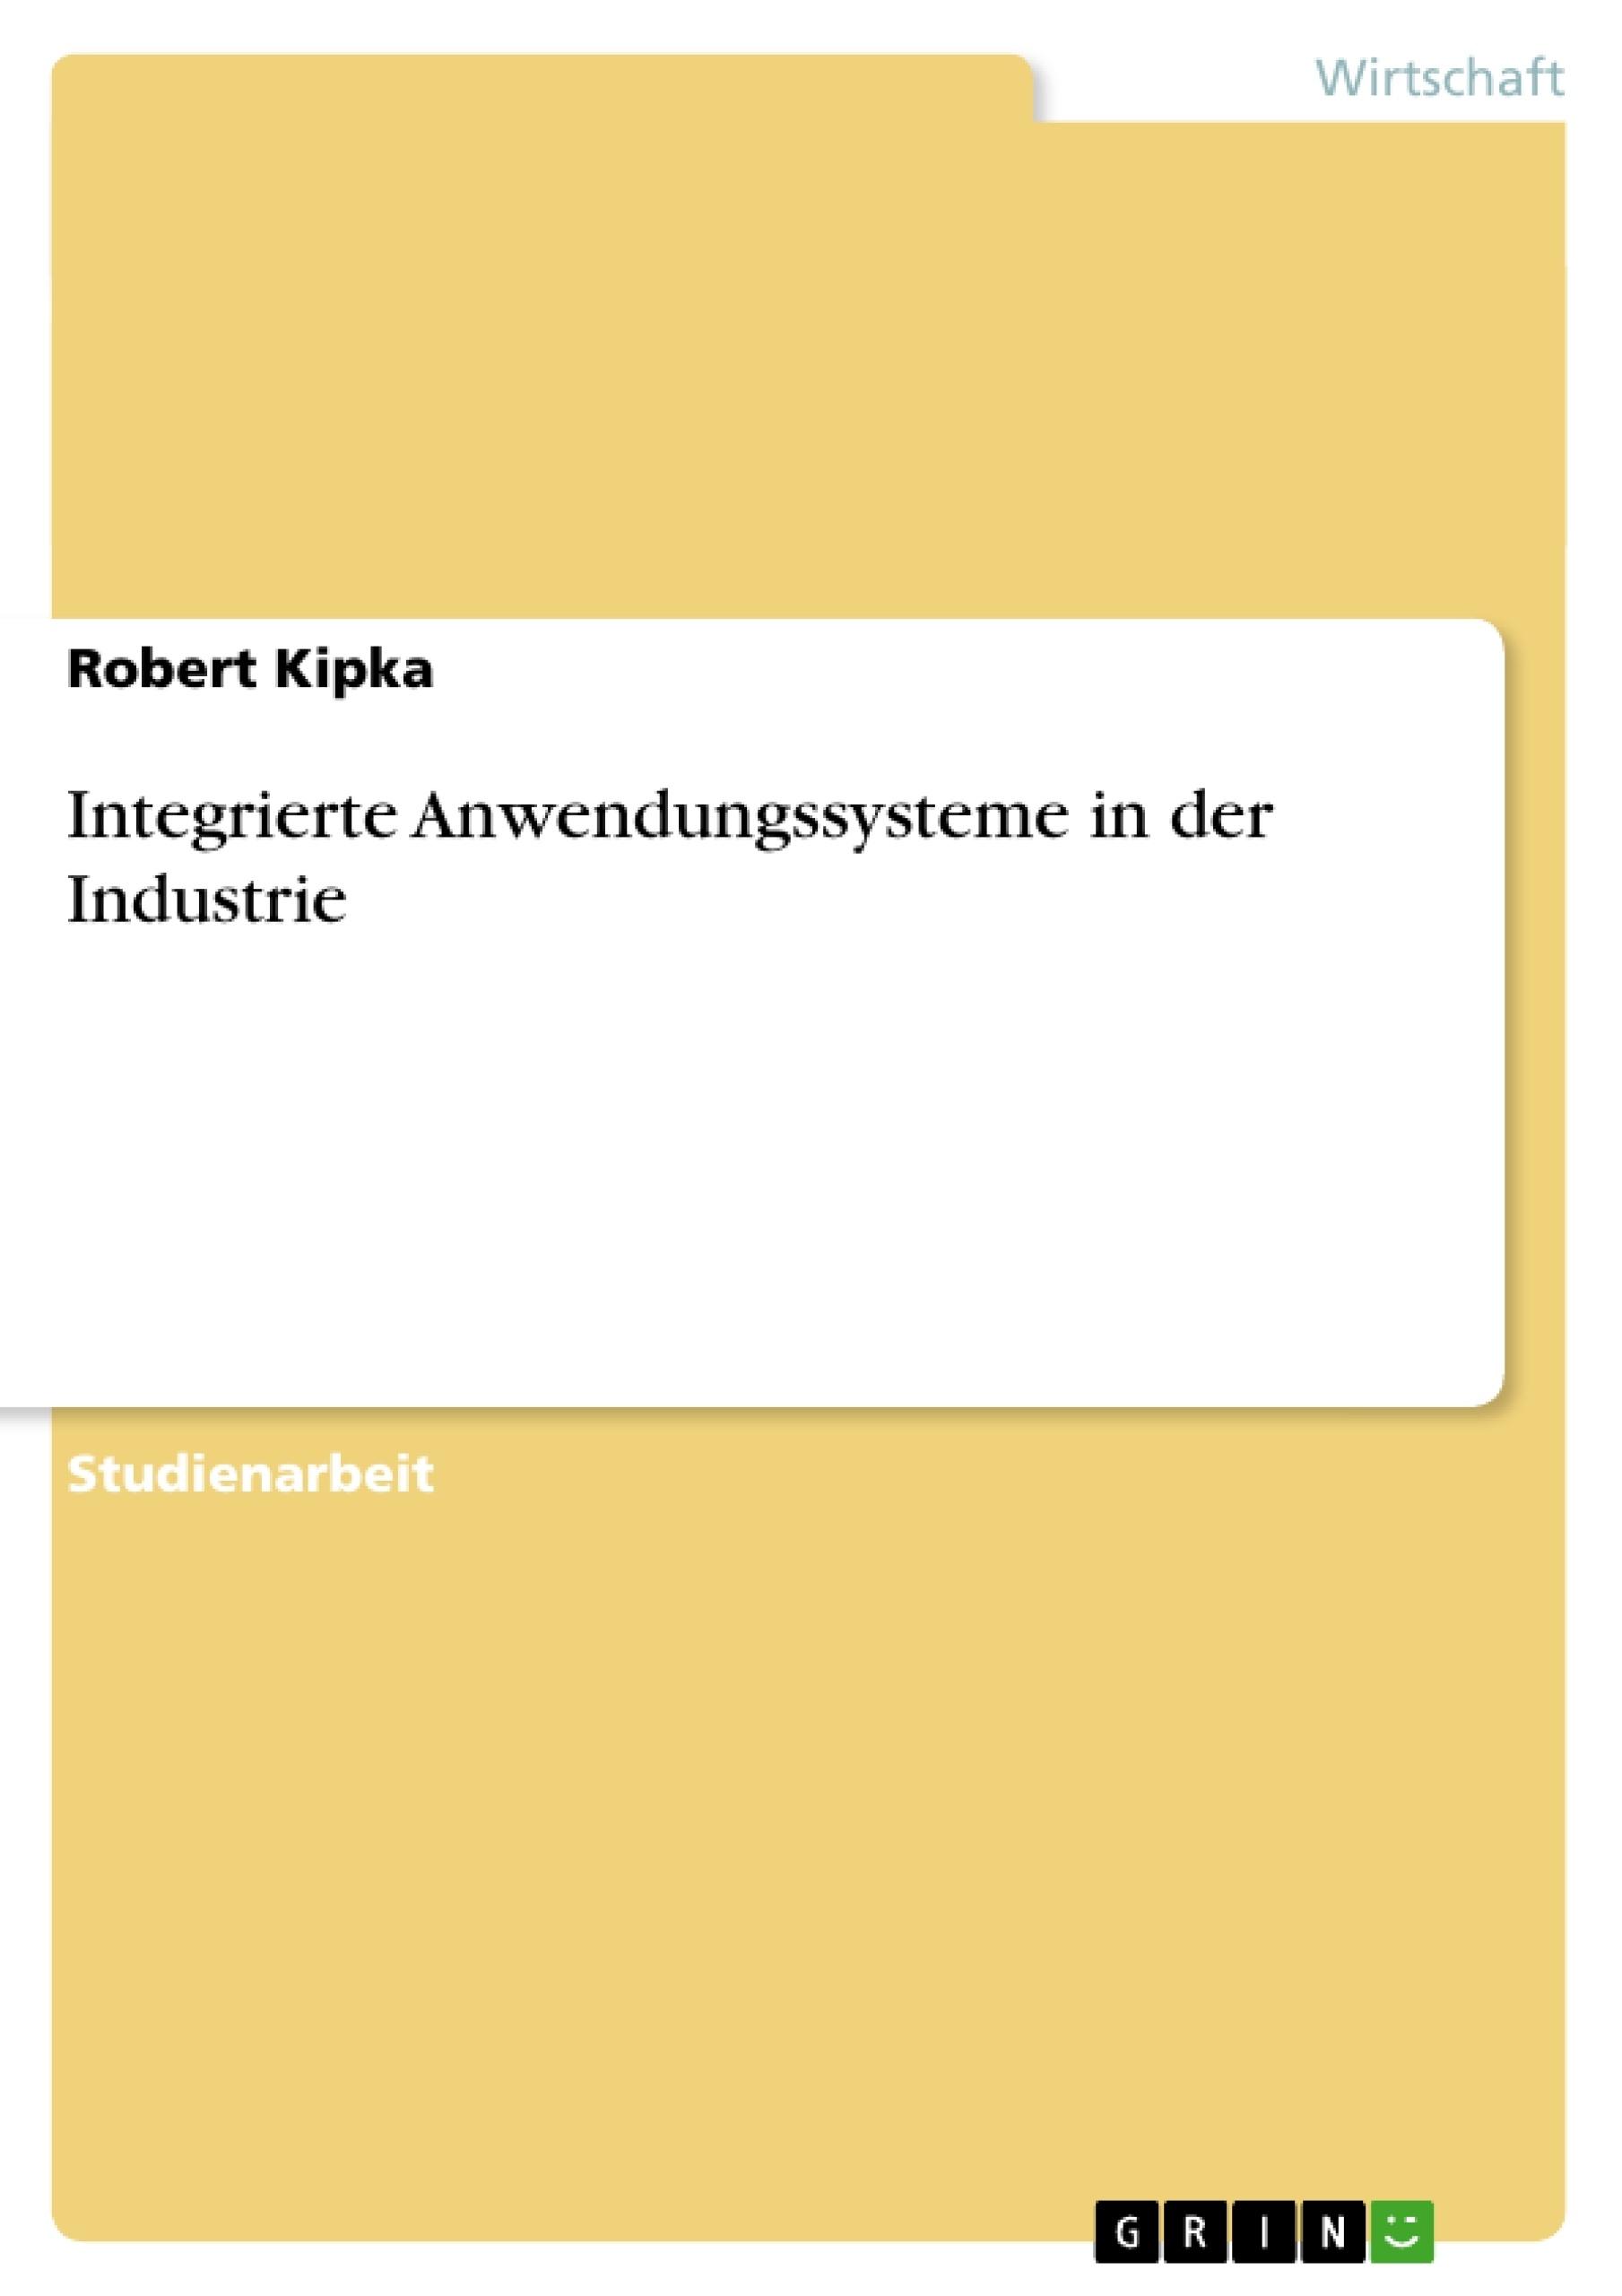 Titel: Integrierte Anwendungssysteme in der Industrie